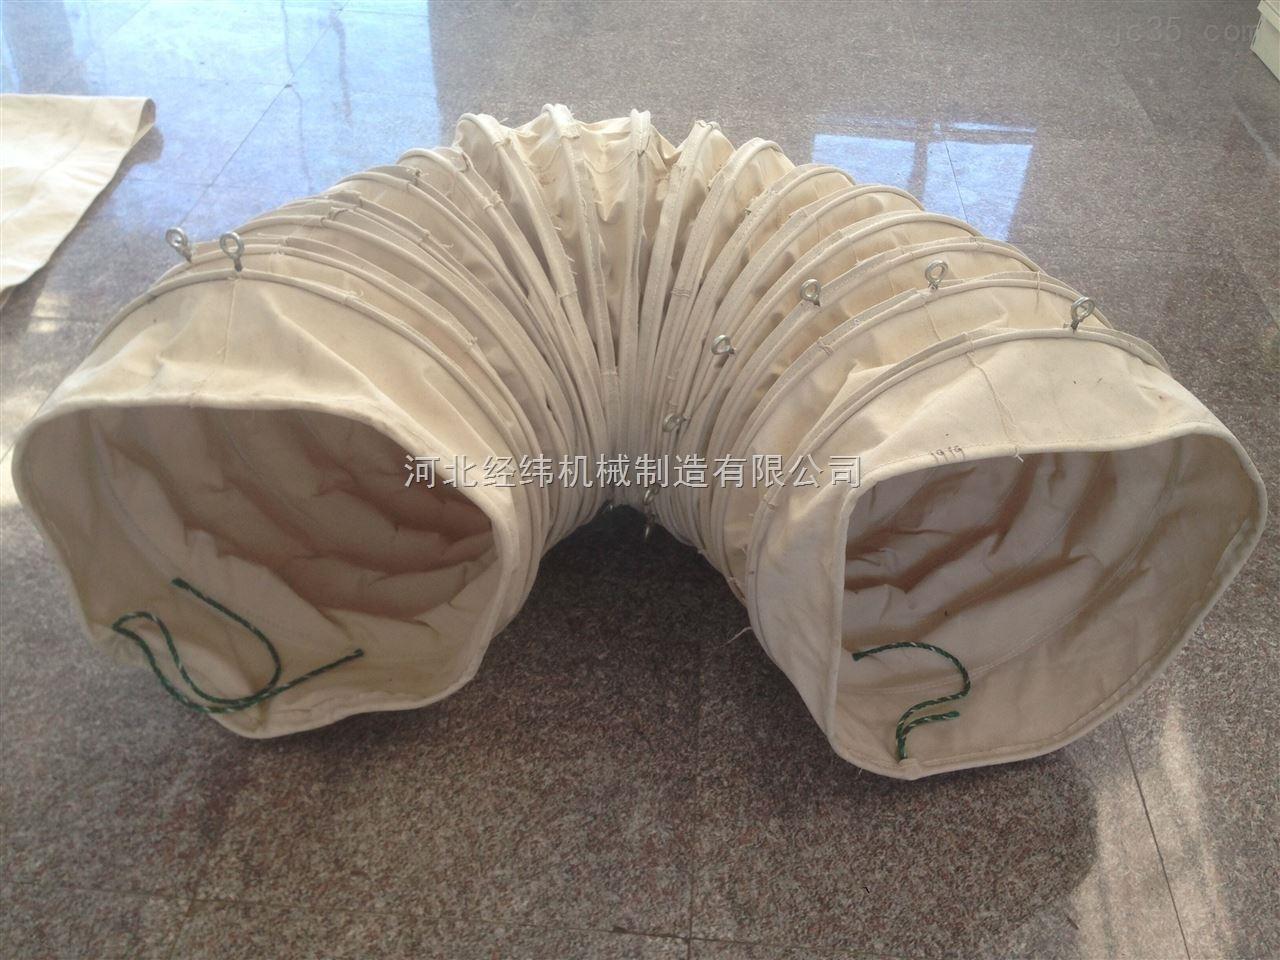 钢筋龙骨帆布伸缩布袋 吊环加强散装布袋厂家